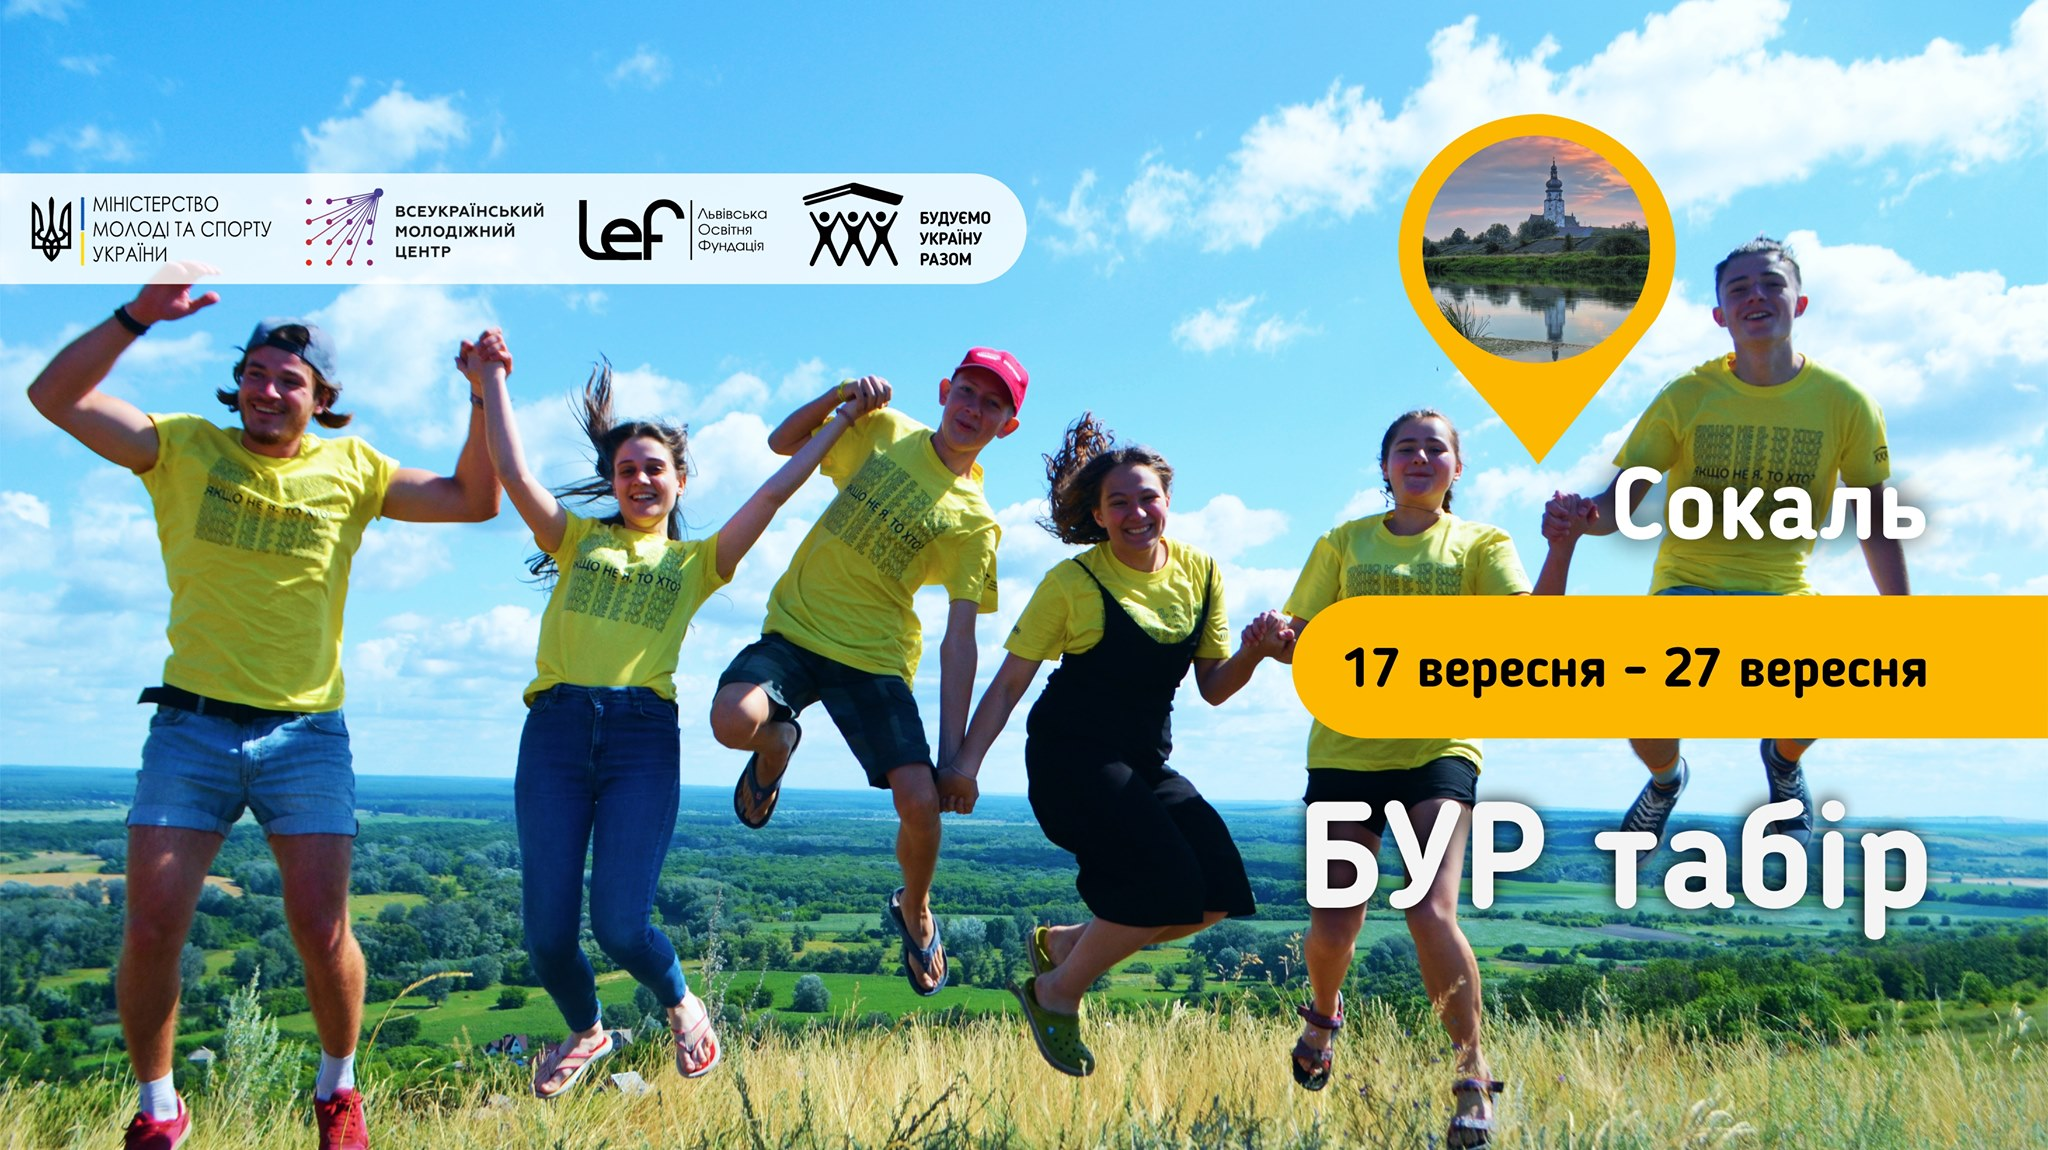 """Волонтерський табір на Сокальщині запрошує """"поБУРити"""" разом. Що це таке і коли відбудеться?"""